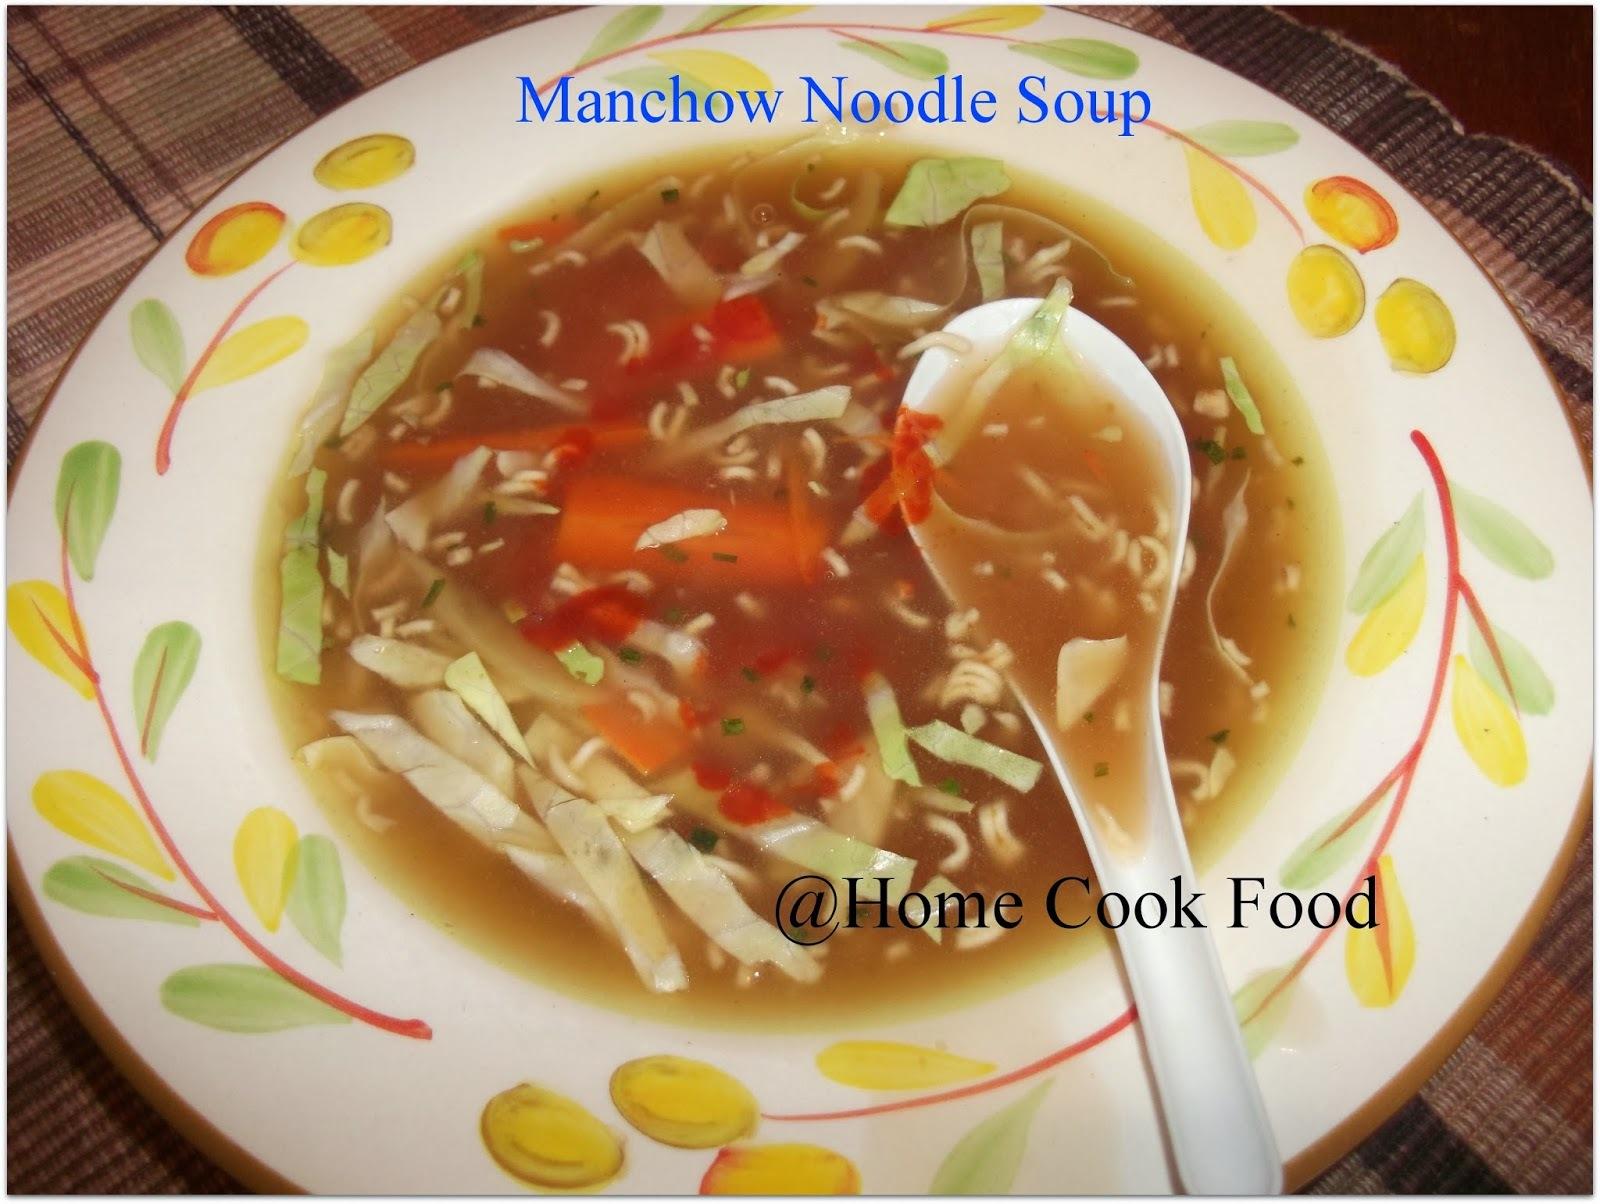 Manchow Noodle Soup